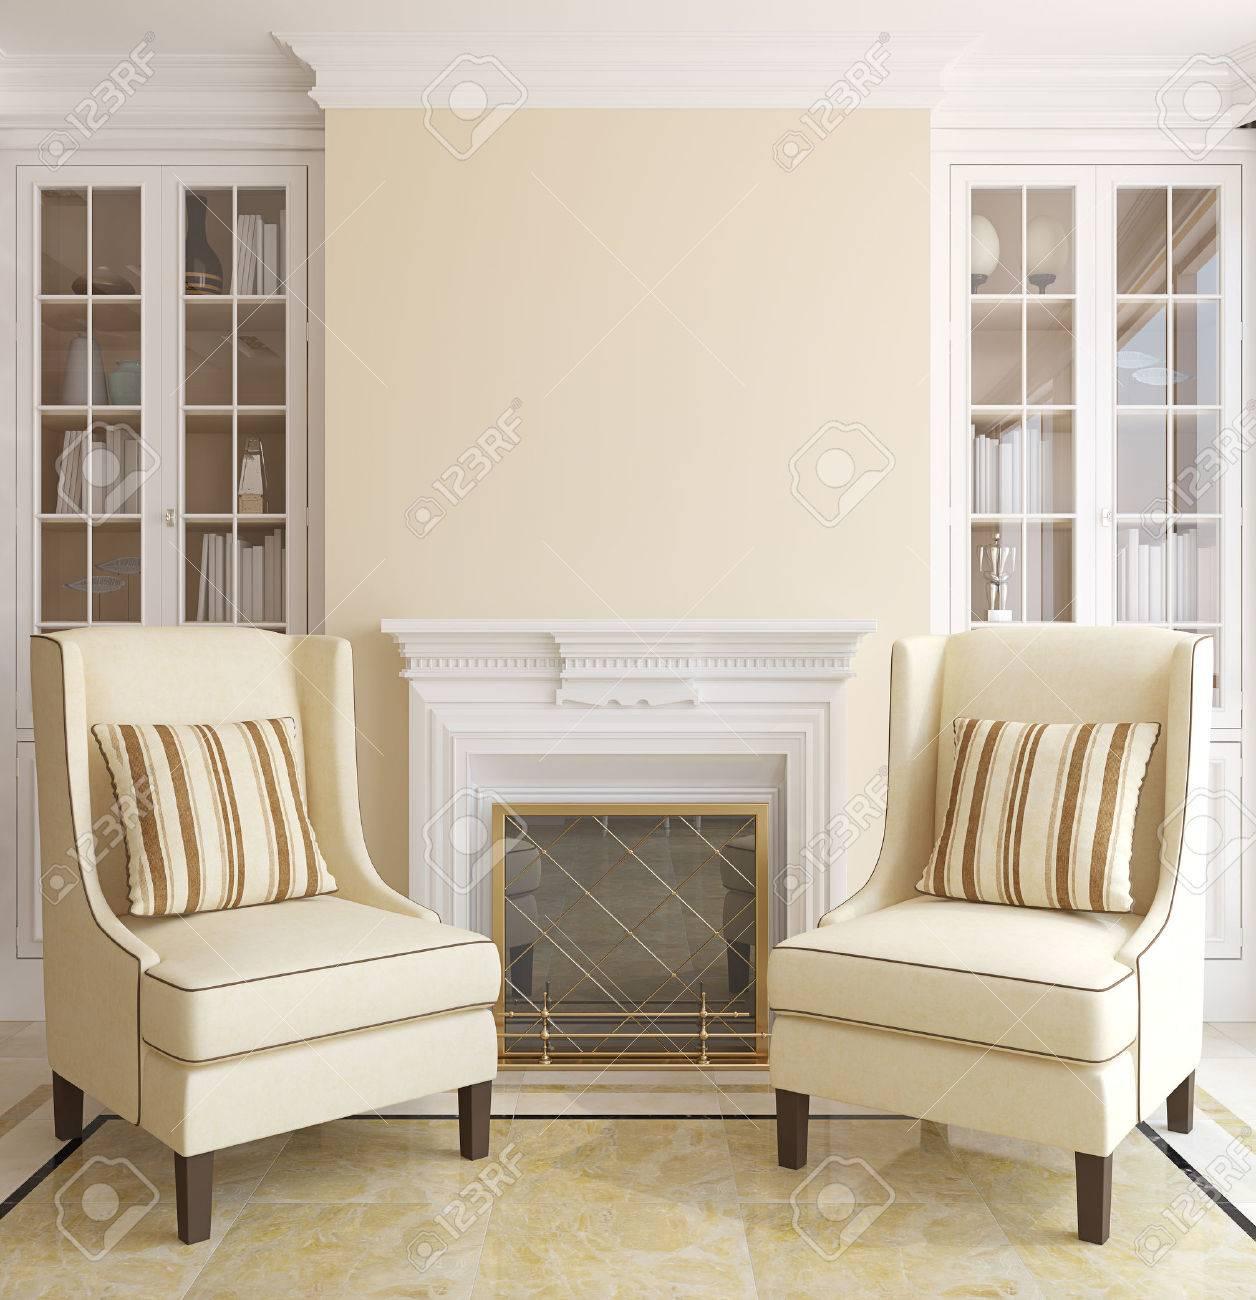 Salon intérieur moderne avec cheminée. 3d render.